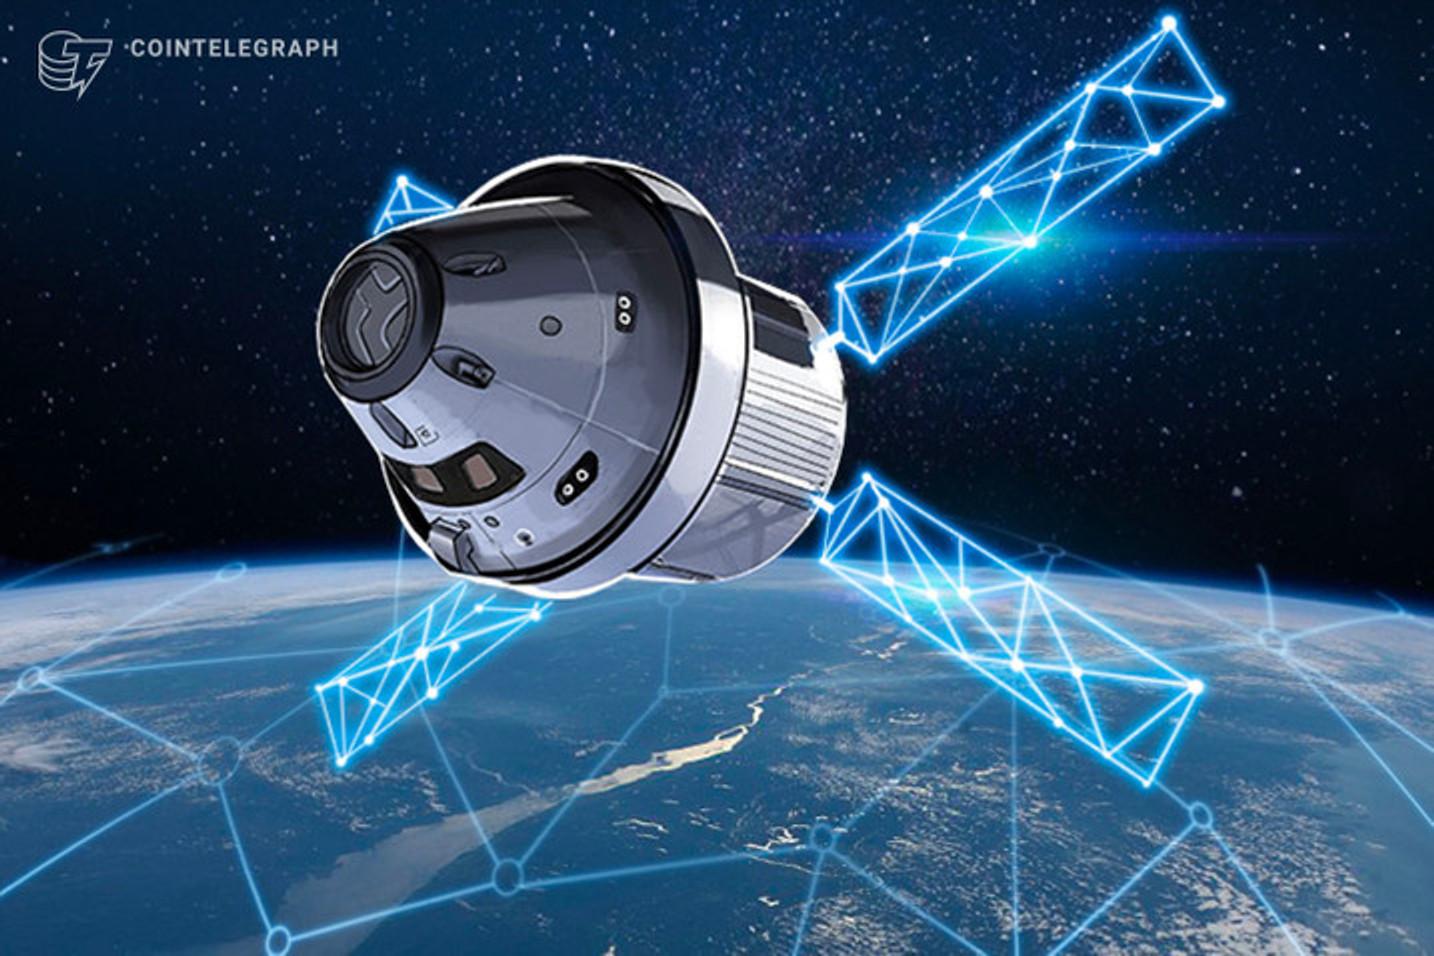 Rolezinho de Jeff Bezos no espaço mostra que exploração espacial pode ser o novo Bitcoin, o investimento de maior retorno da década